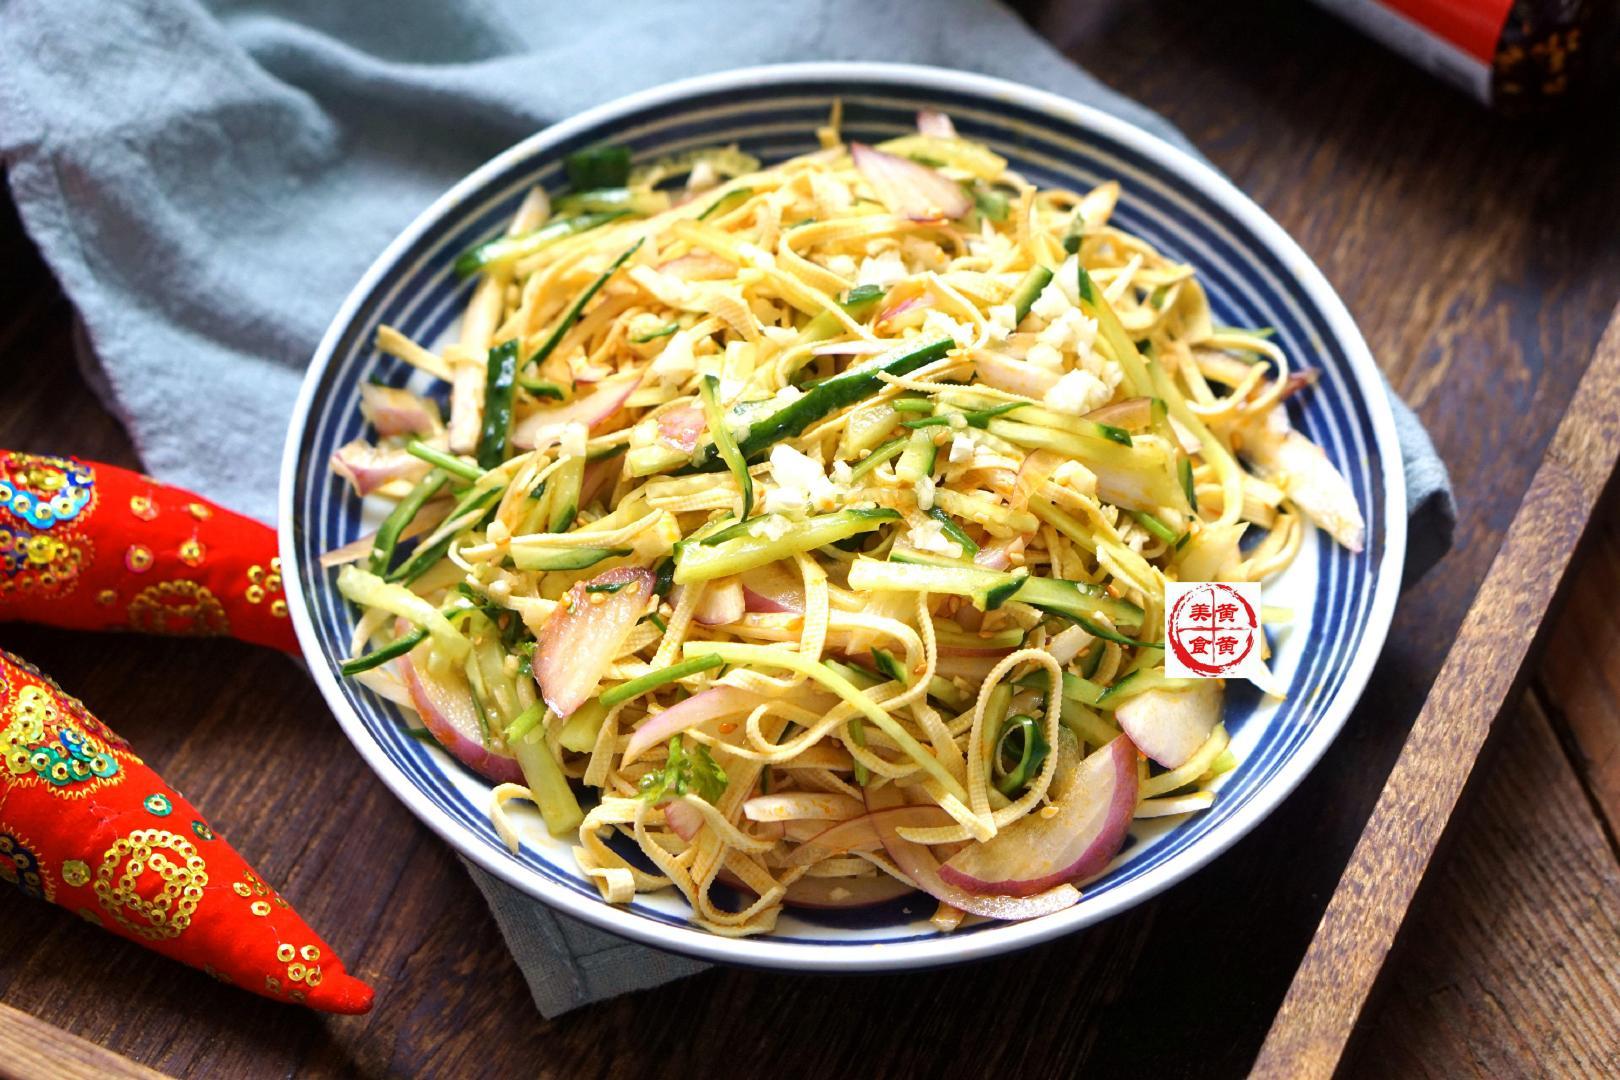 天热这道小菜,我家每周必吃,制作简单,特别开胃下饭,快试试